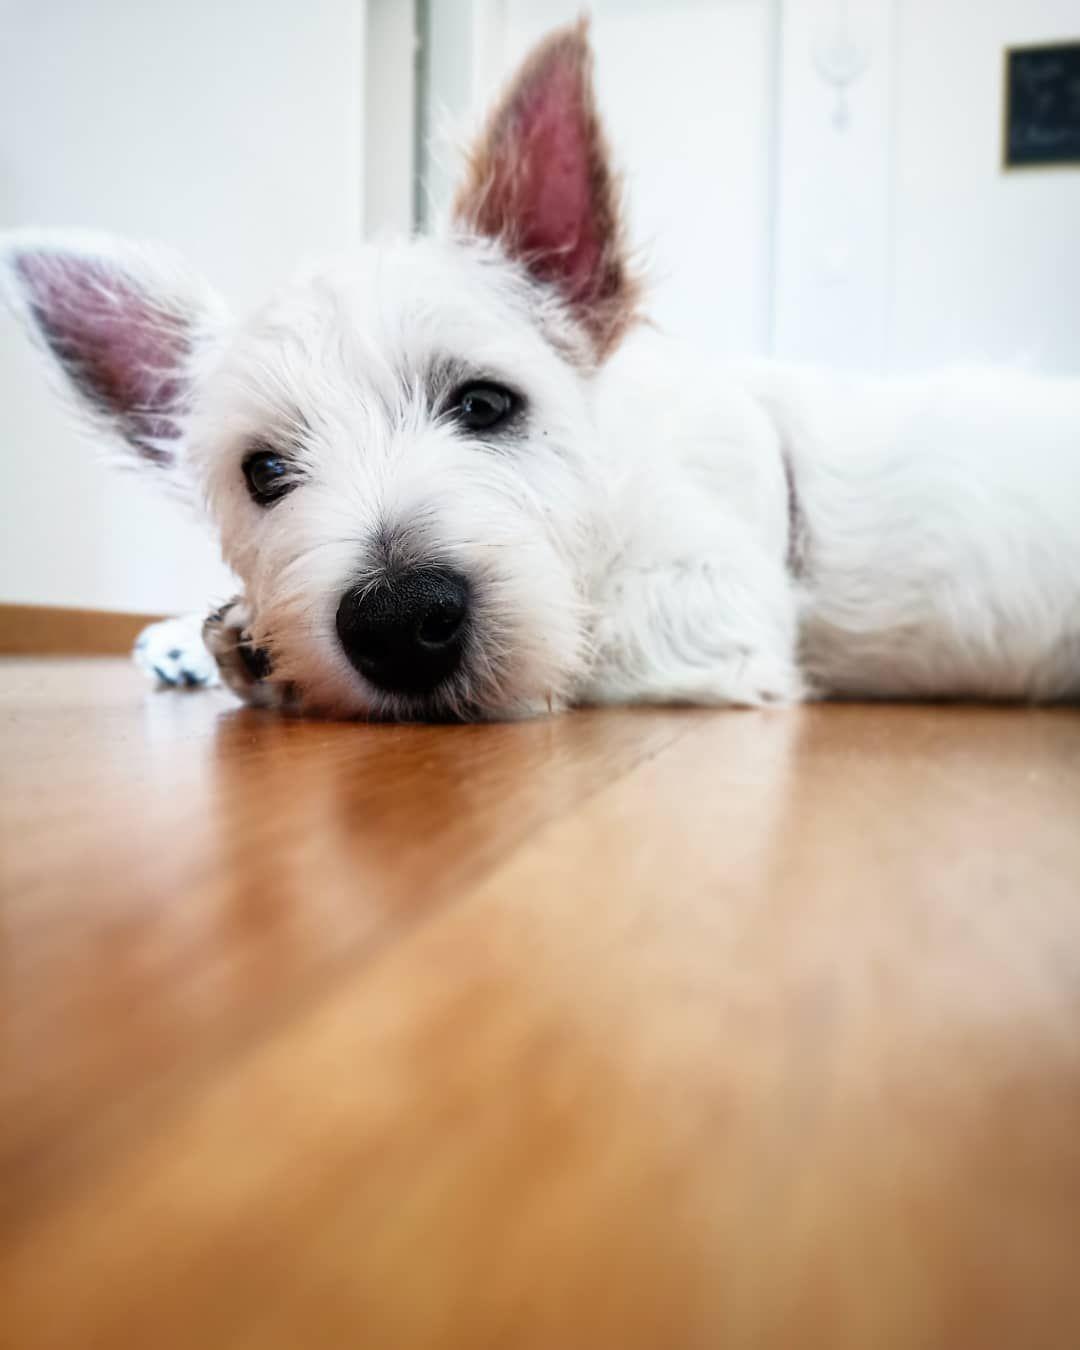 Puppy Pupper Adorable Dog Westiesofinstagram Westie Westhighlandwhiteterrier Doggo Dogsarefamily In 2020 West Highland White Terrier White Terrier Westies